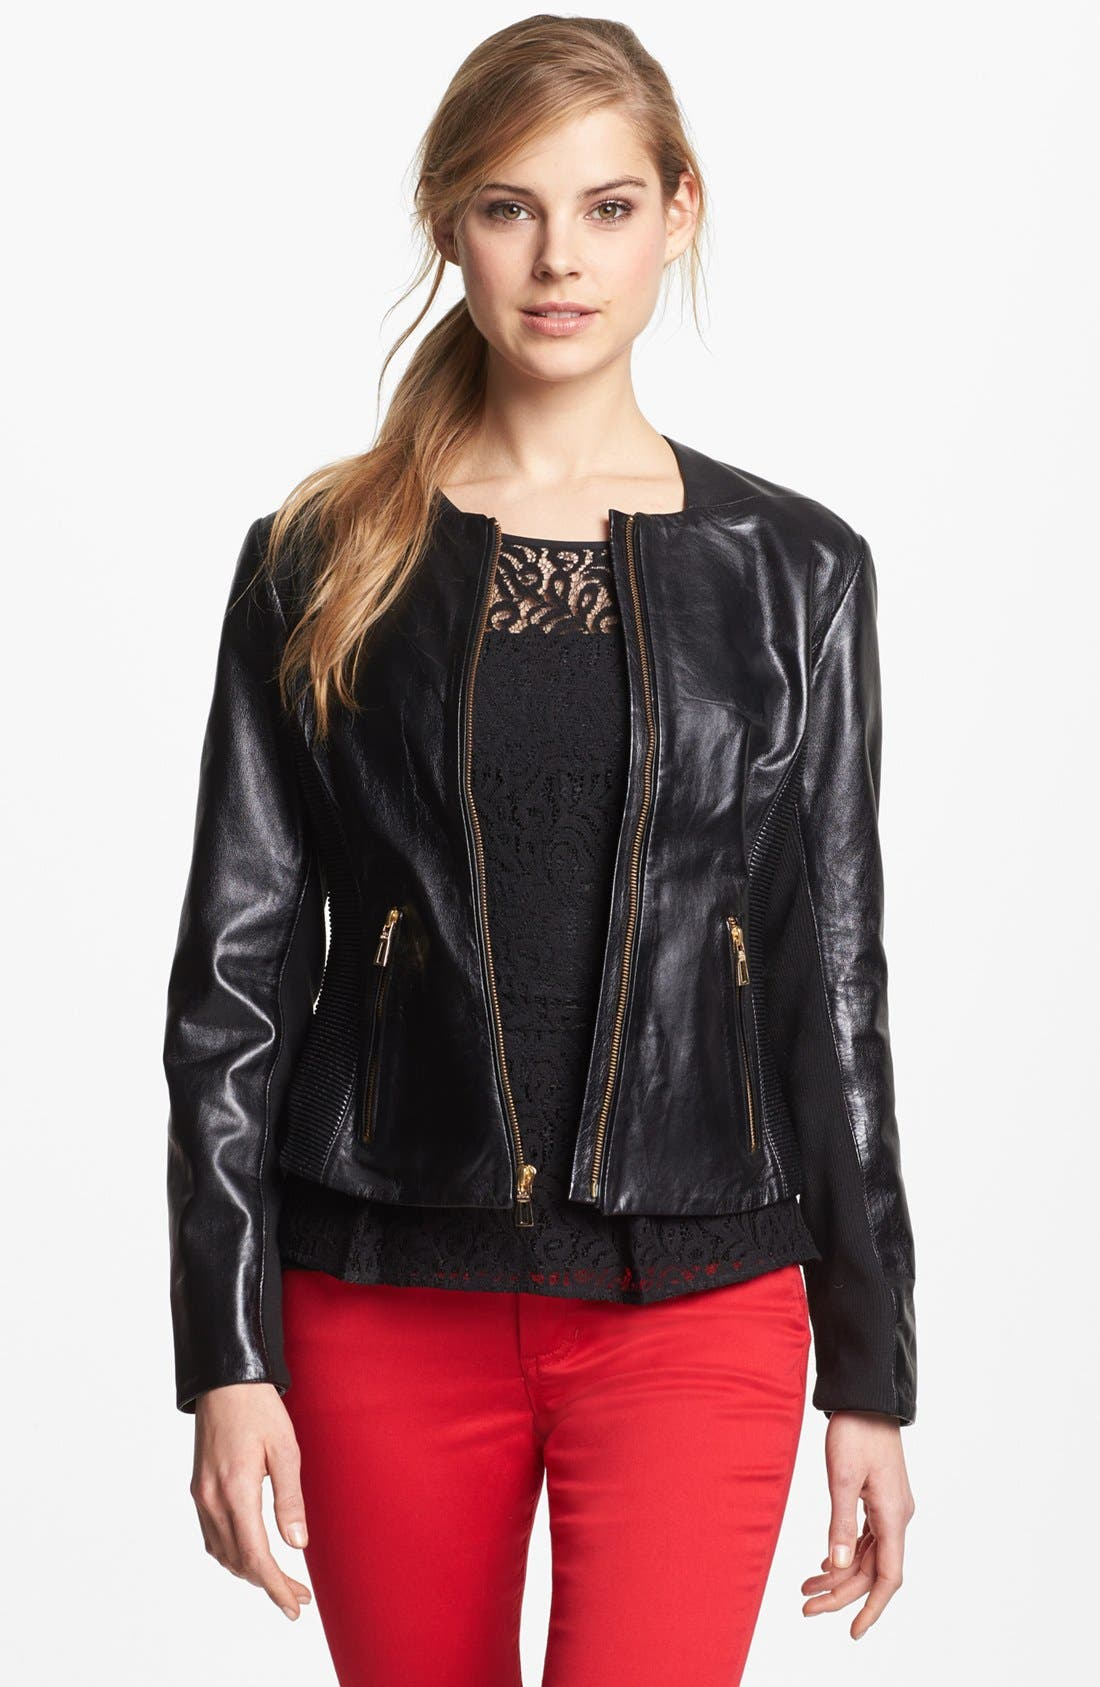 Alternate Image 1 Selected - Via Spiga Ribbed Side Leather Jacket (Regular & Petite) (Online Only)